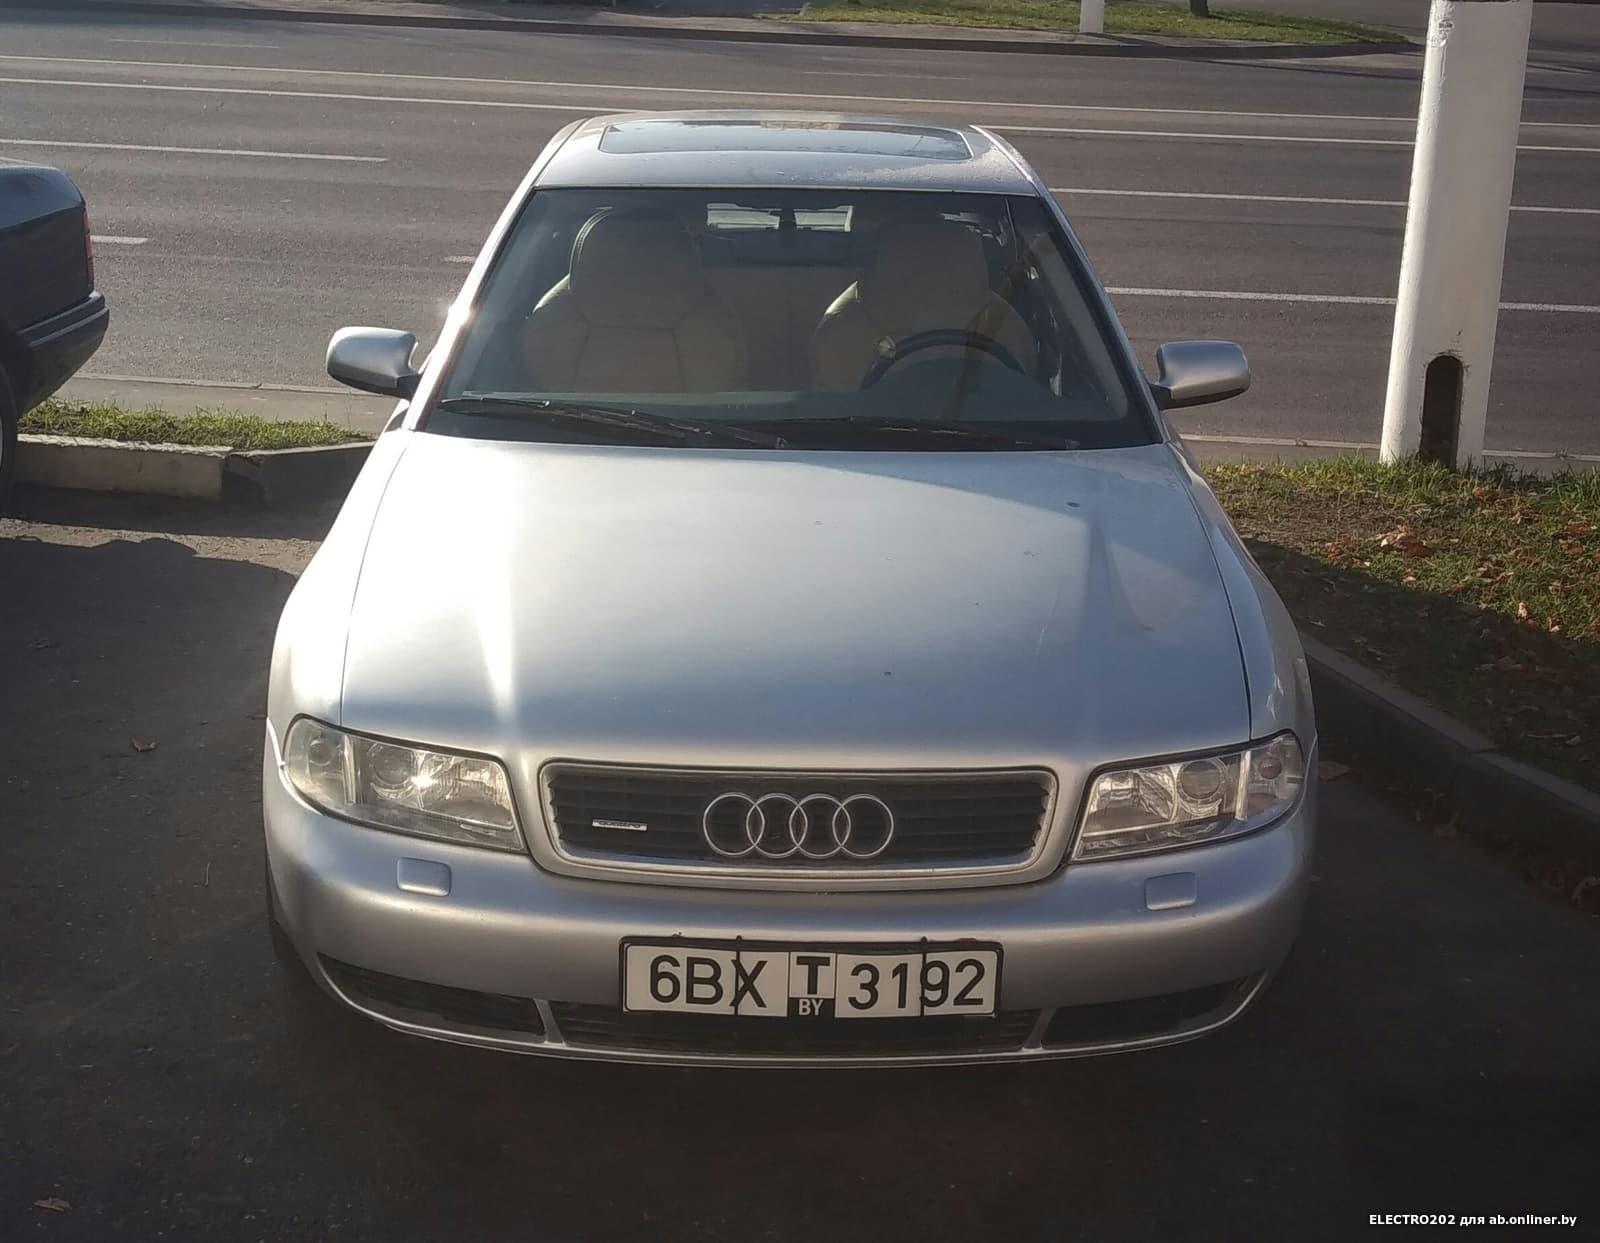 Audi A4 Rest